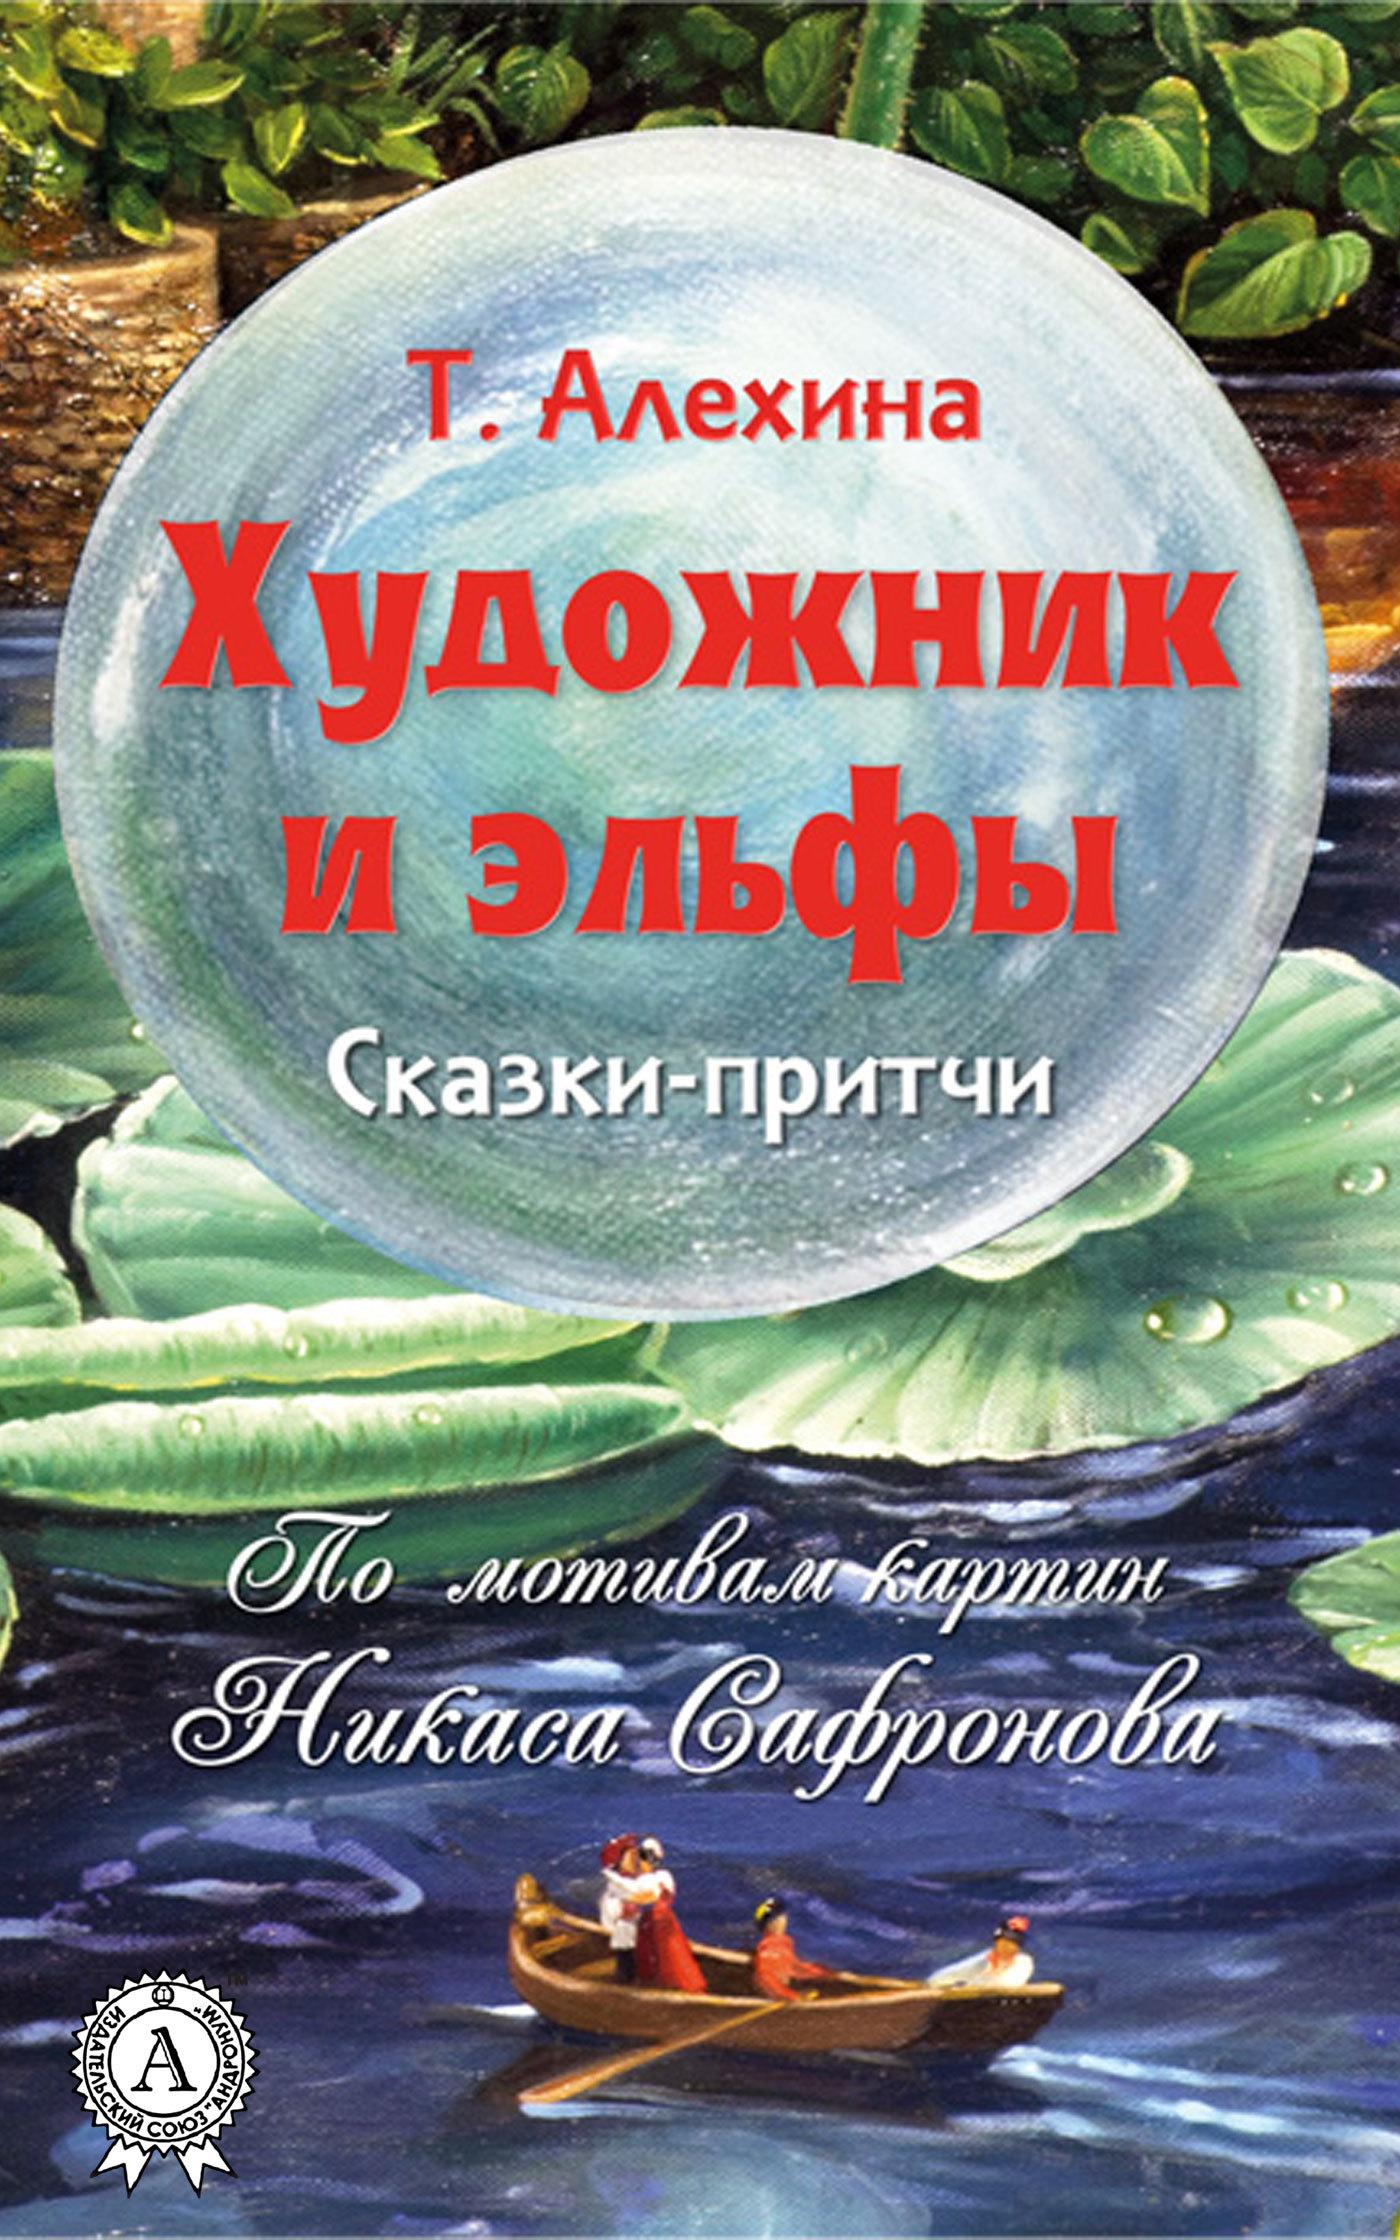 цена на Тамара Алехина Художник и эльфы